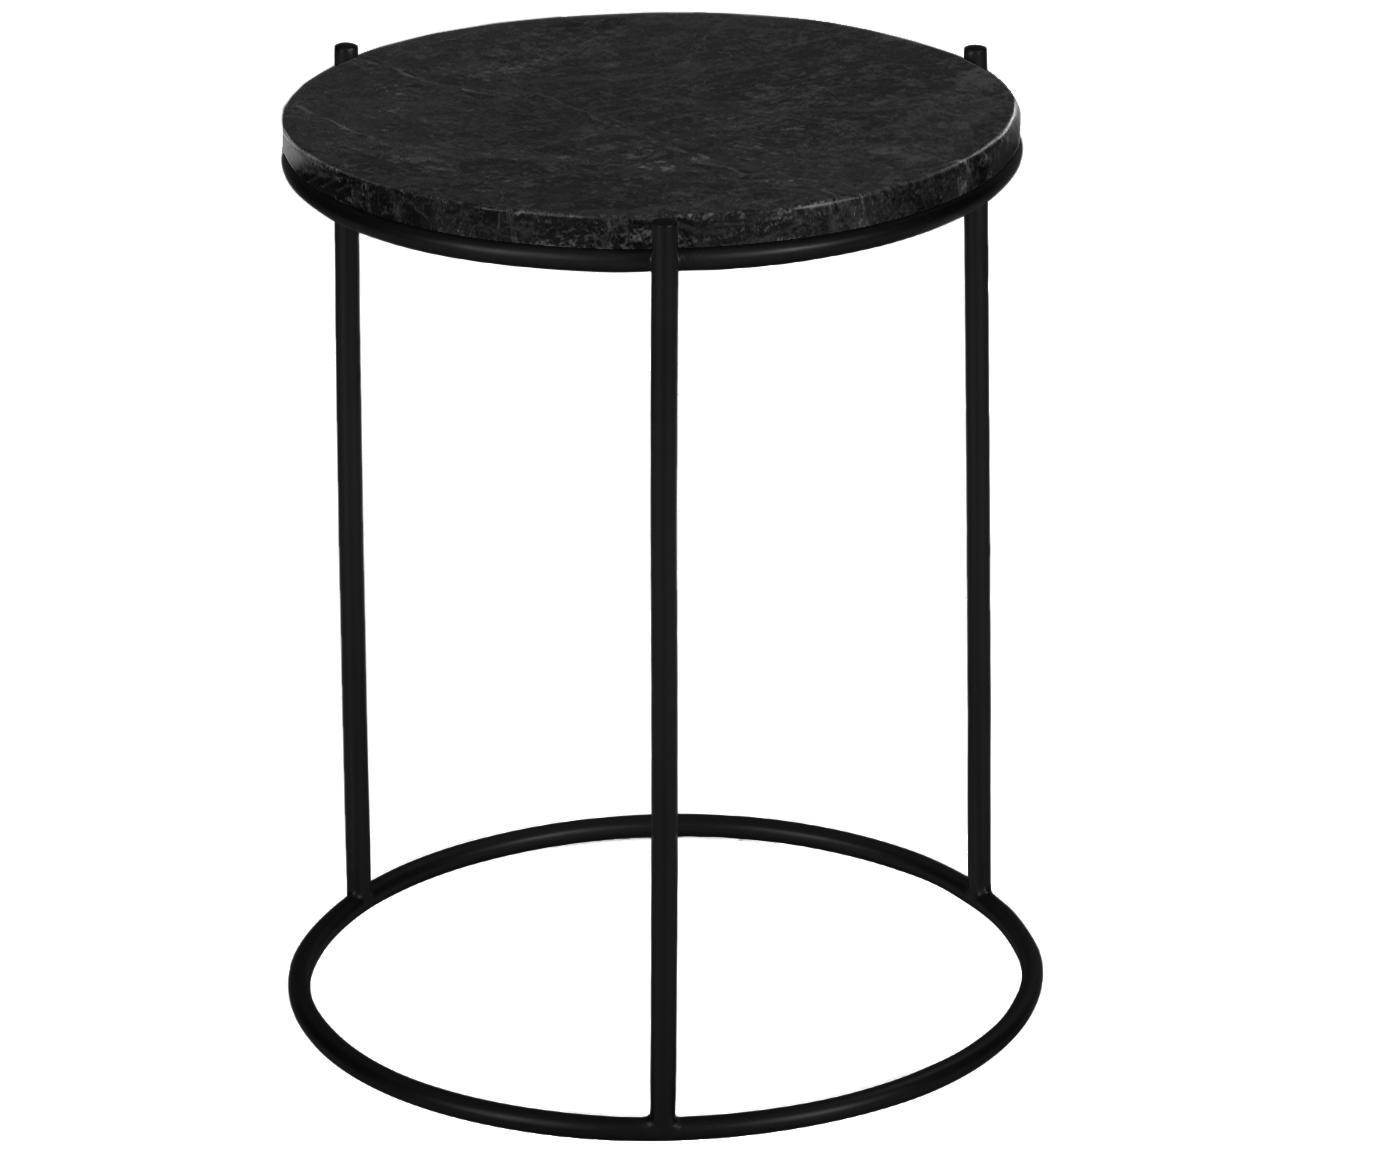 Tavolino rotondo con piano in marmo Ella, Struttura: metallo verniciato a polv, Piano d'appoggio: marmo nero Struttura: nero, opaco, Ø 40 x Alt. 50 cm